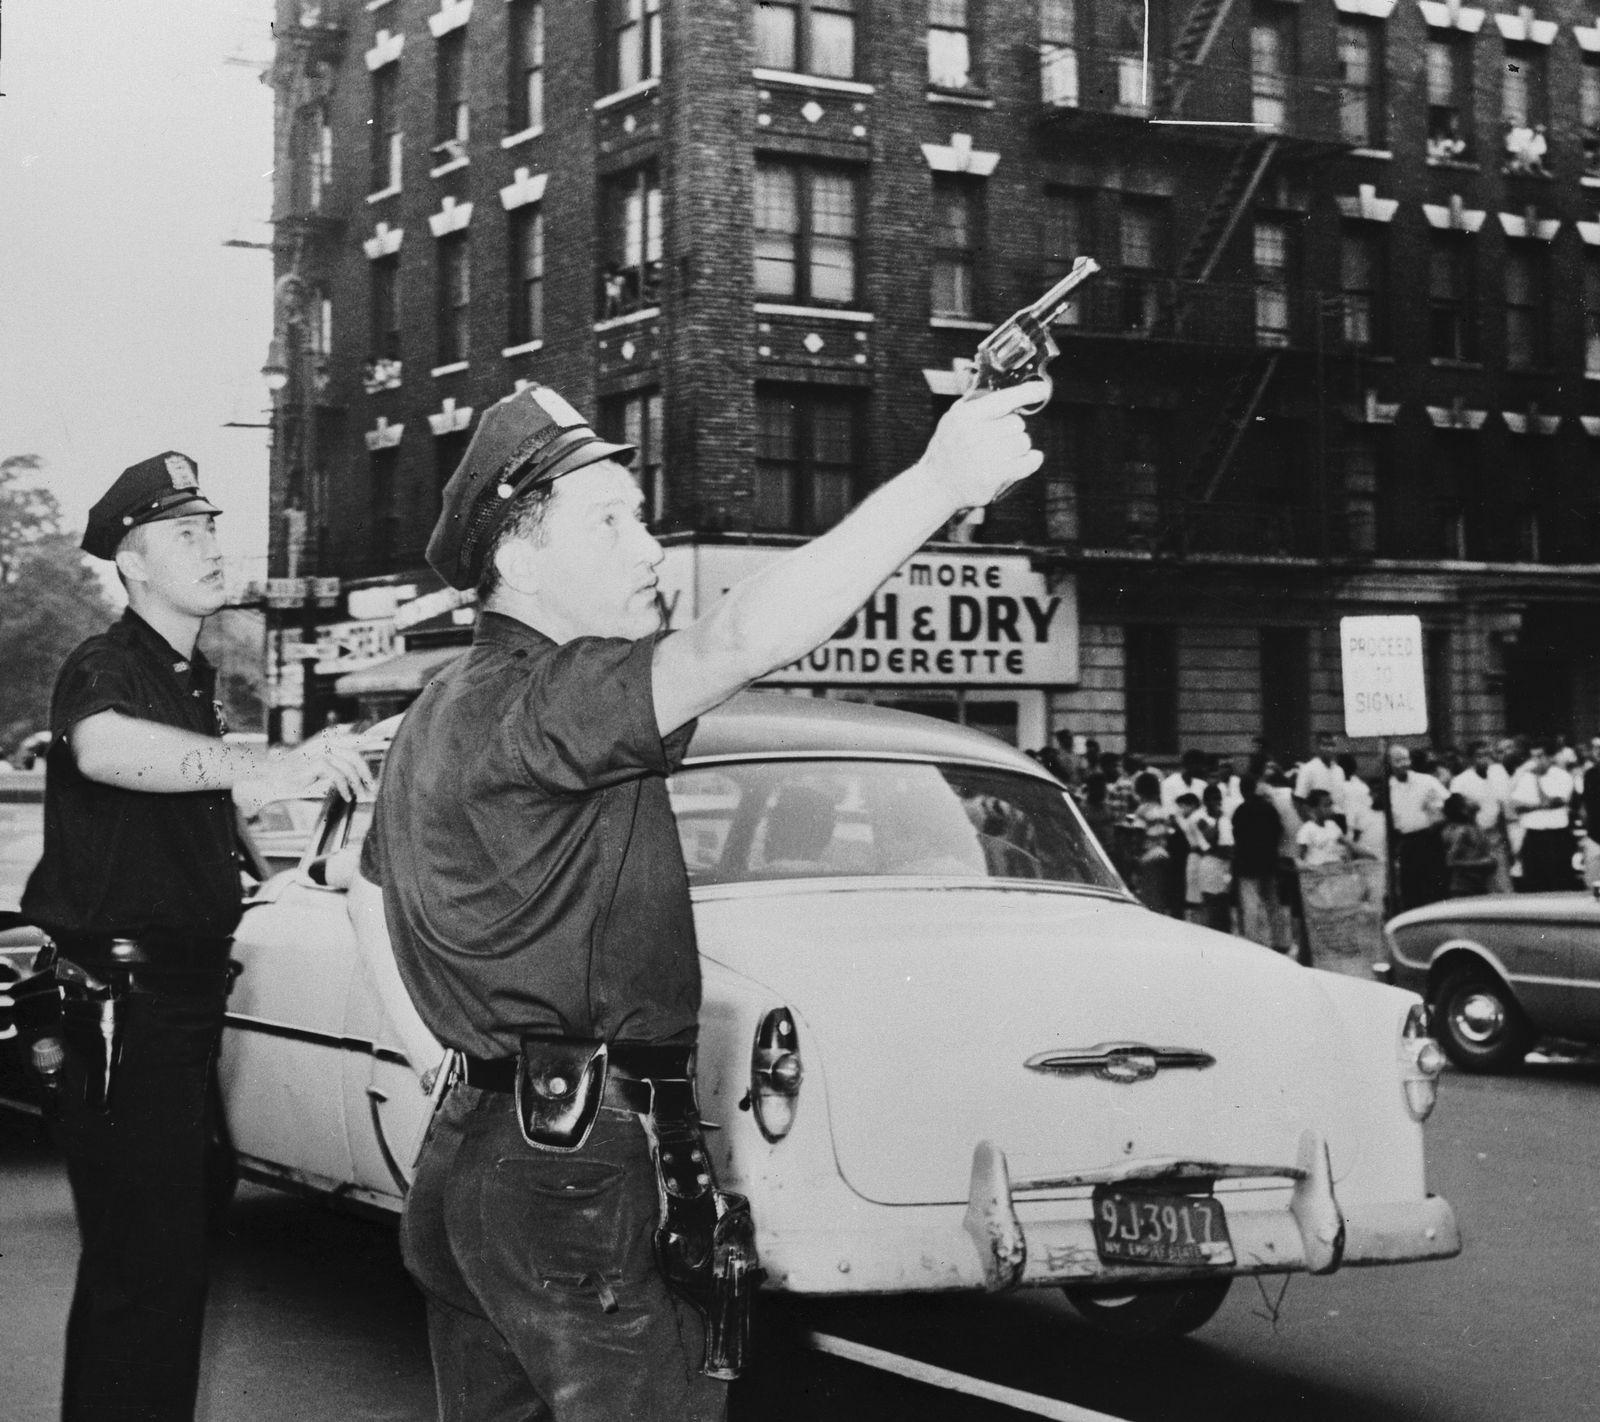 New York / Cops